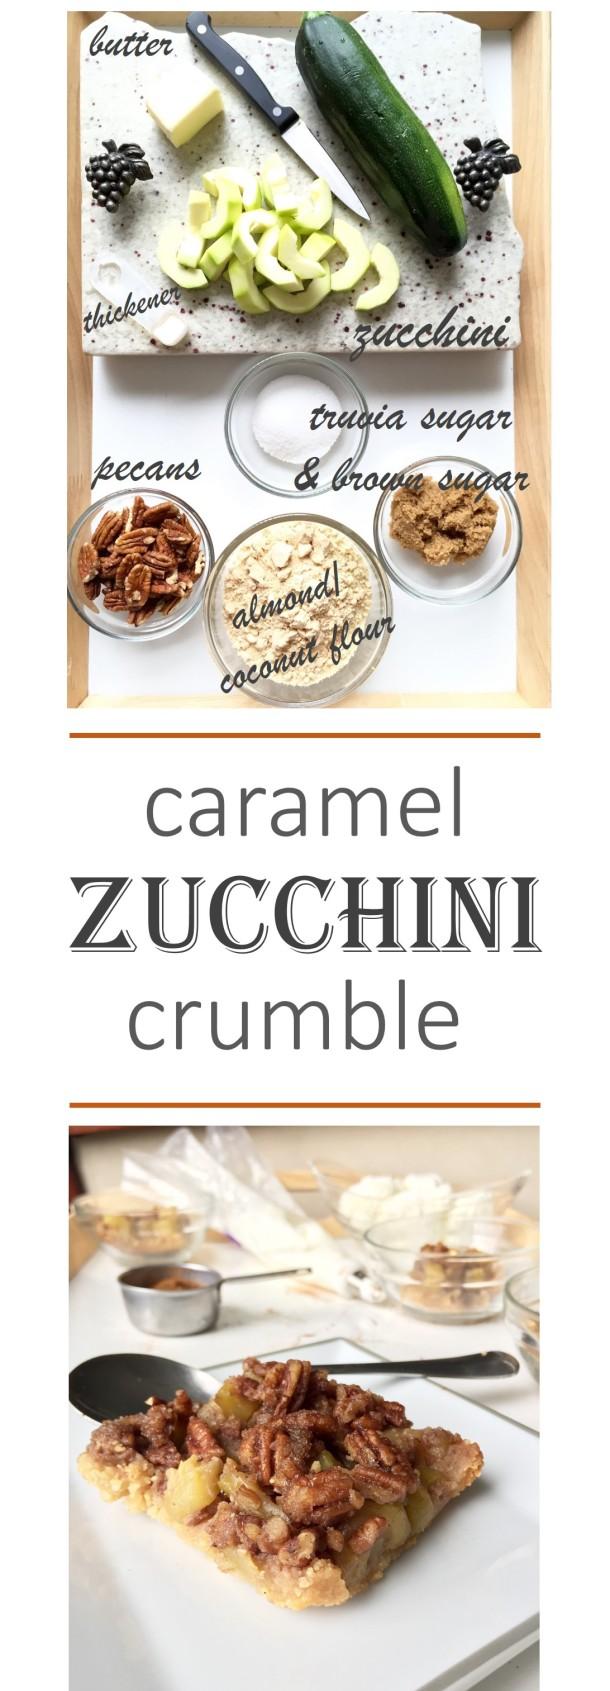 Caramel Zucchini Crumble